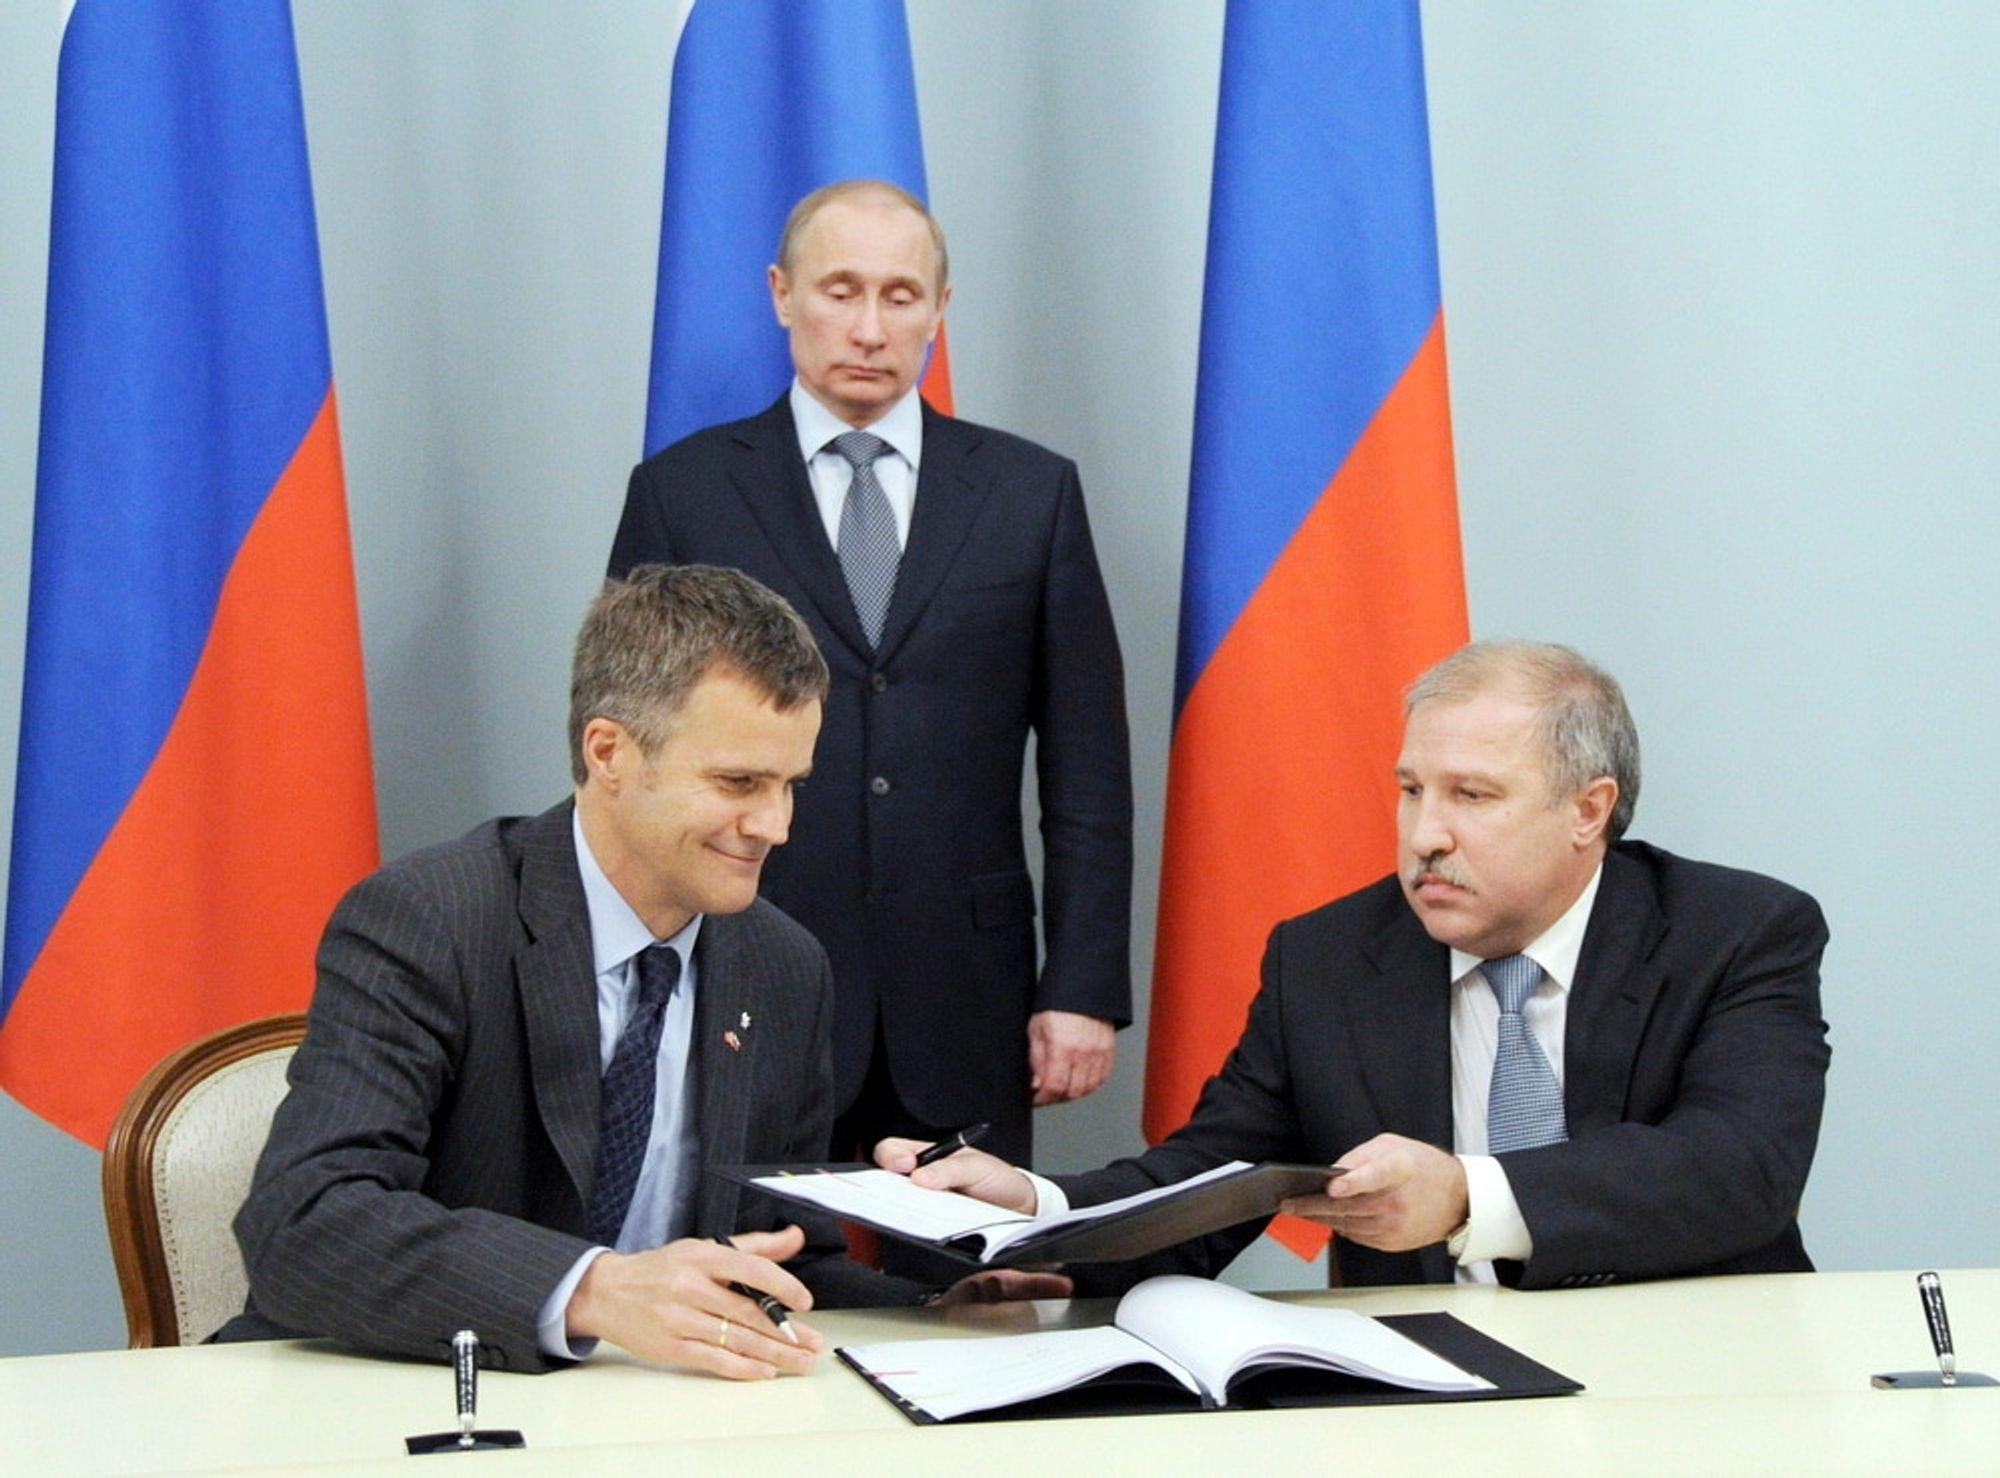 Daværende Statoil-sjef Helge Lund skriver under avtalen med Rosnefts konsernsjef Eduard Khudainatov. President Vladimir Putin iakttar begivenheten.